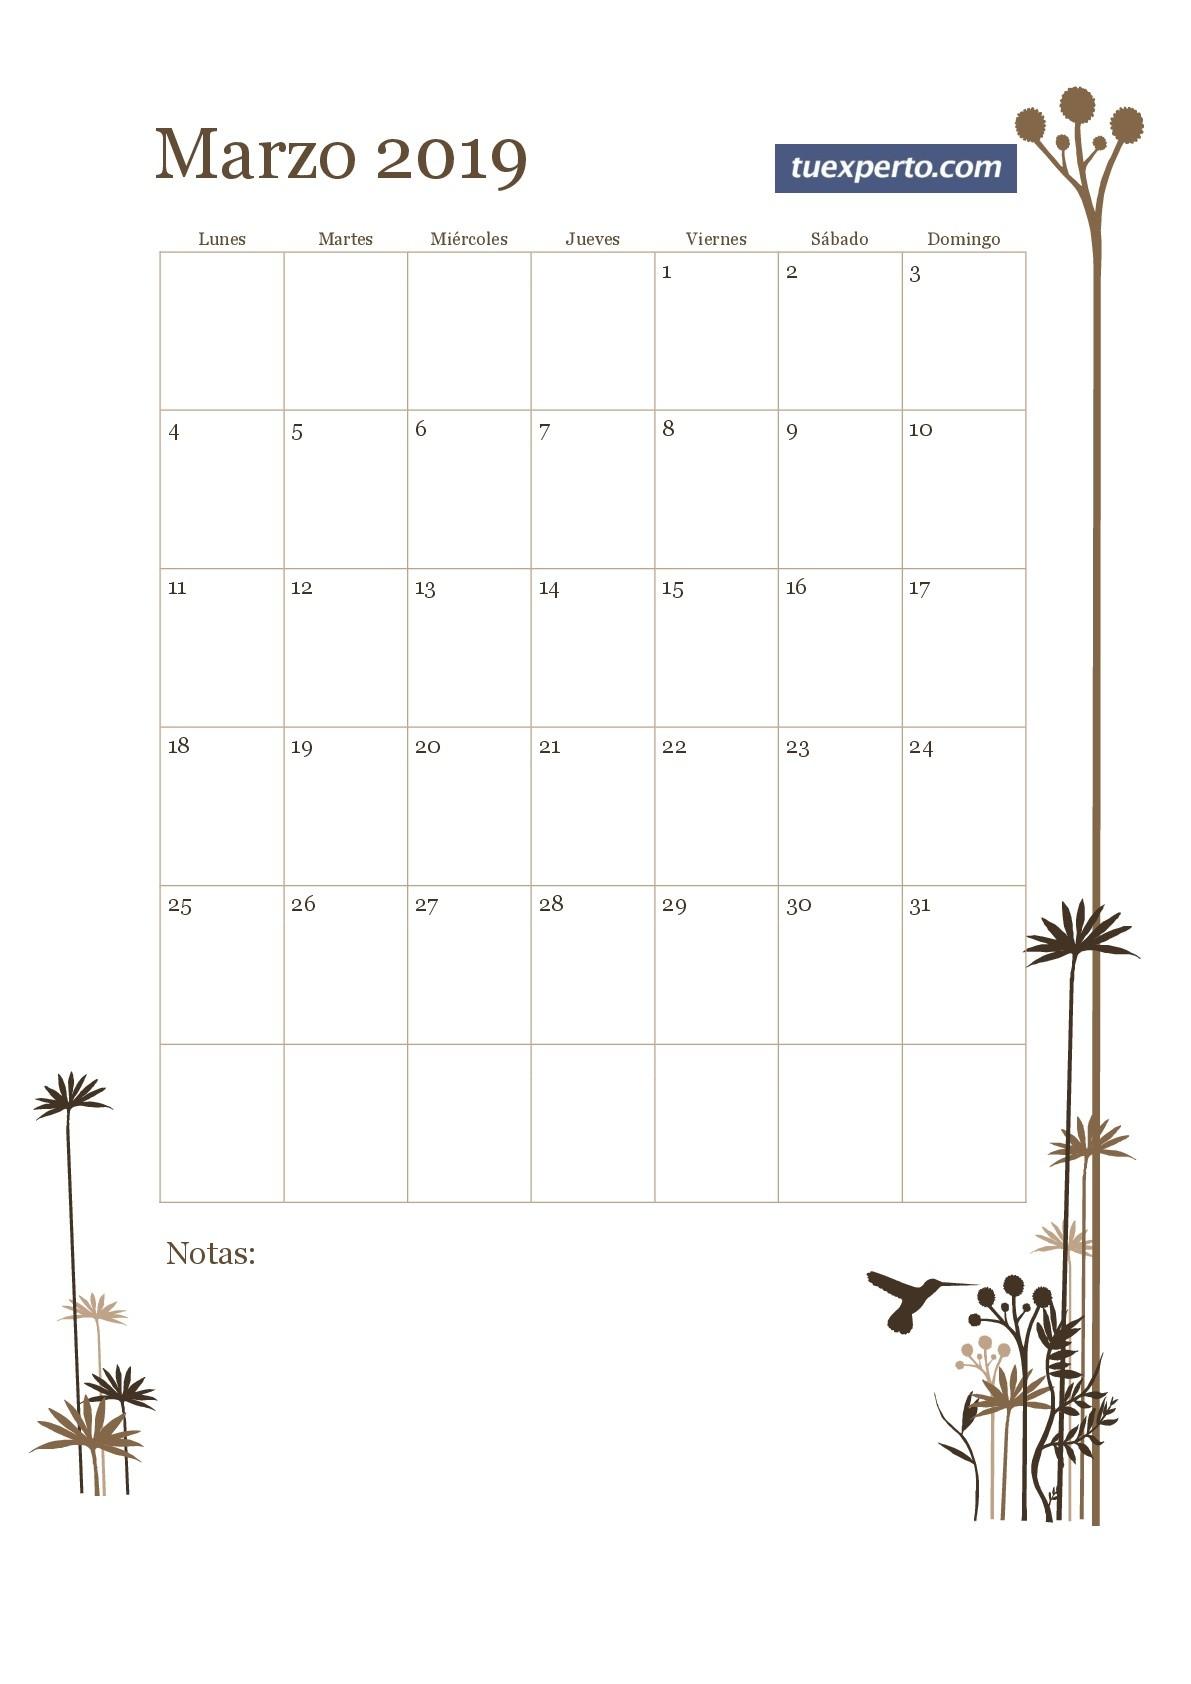 Calendario 2019 más de 150 plantillas para imprimir y descargar gratis